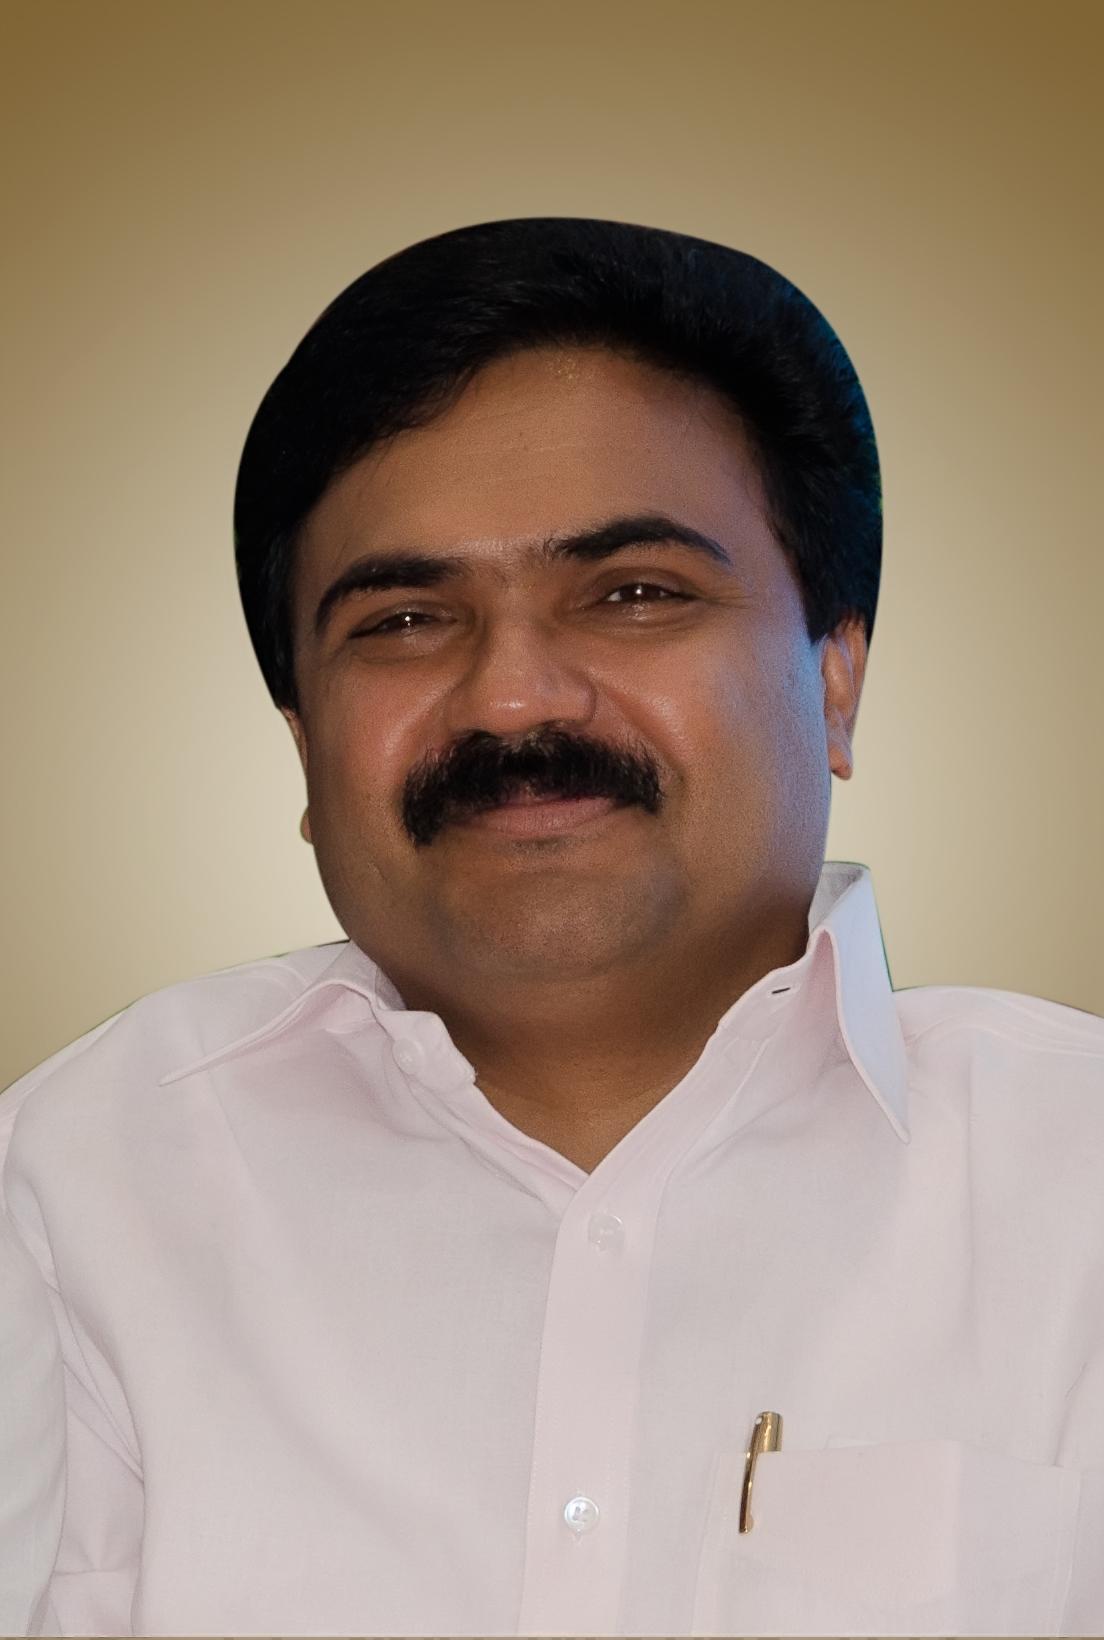 Jose K. Mani - Wikipedia